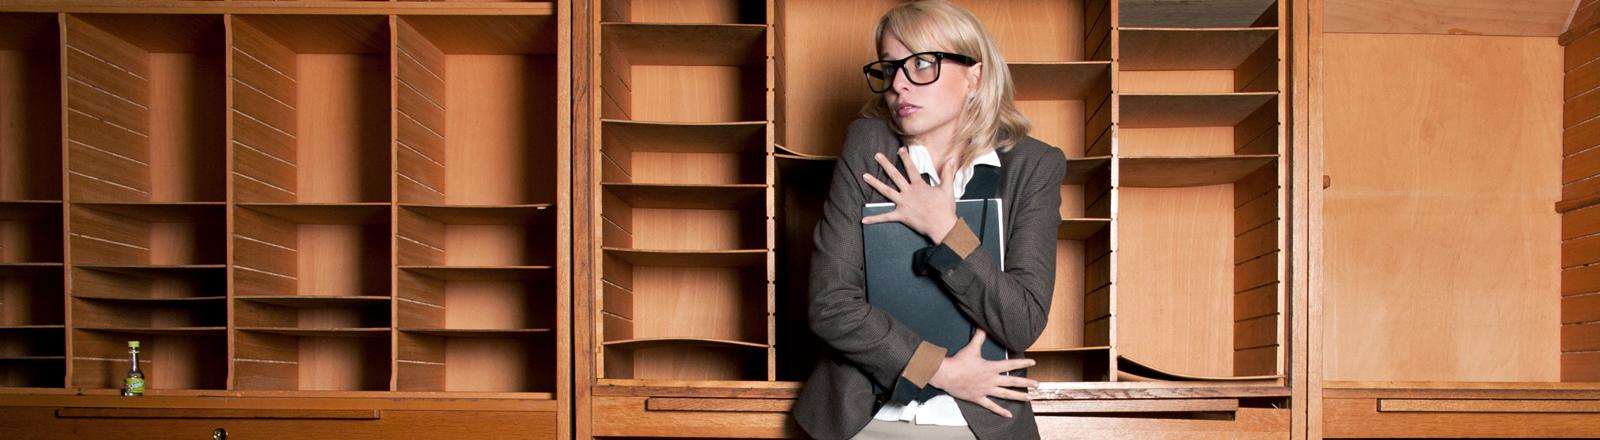 Eine Frau steht vor einem leeren Regal und klammert sich an ihren Akten fest